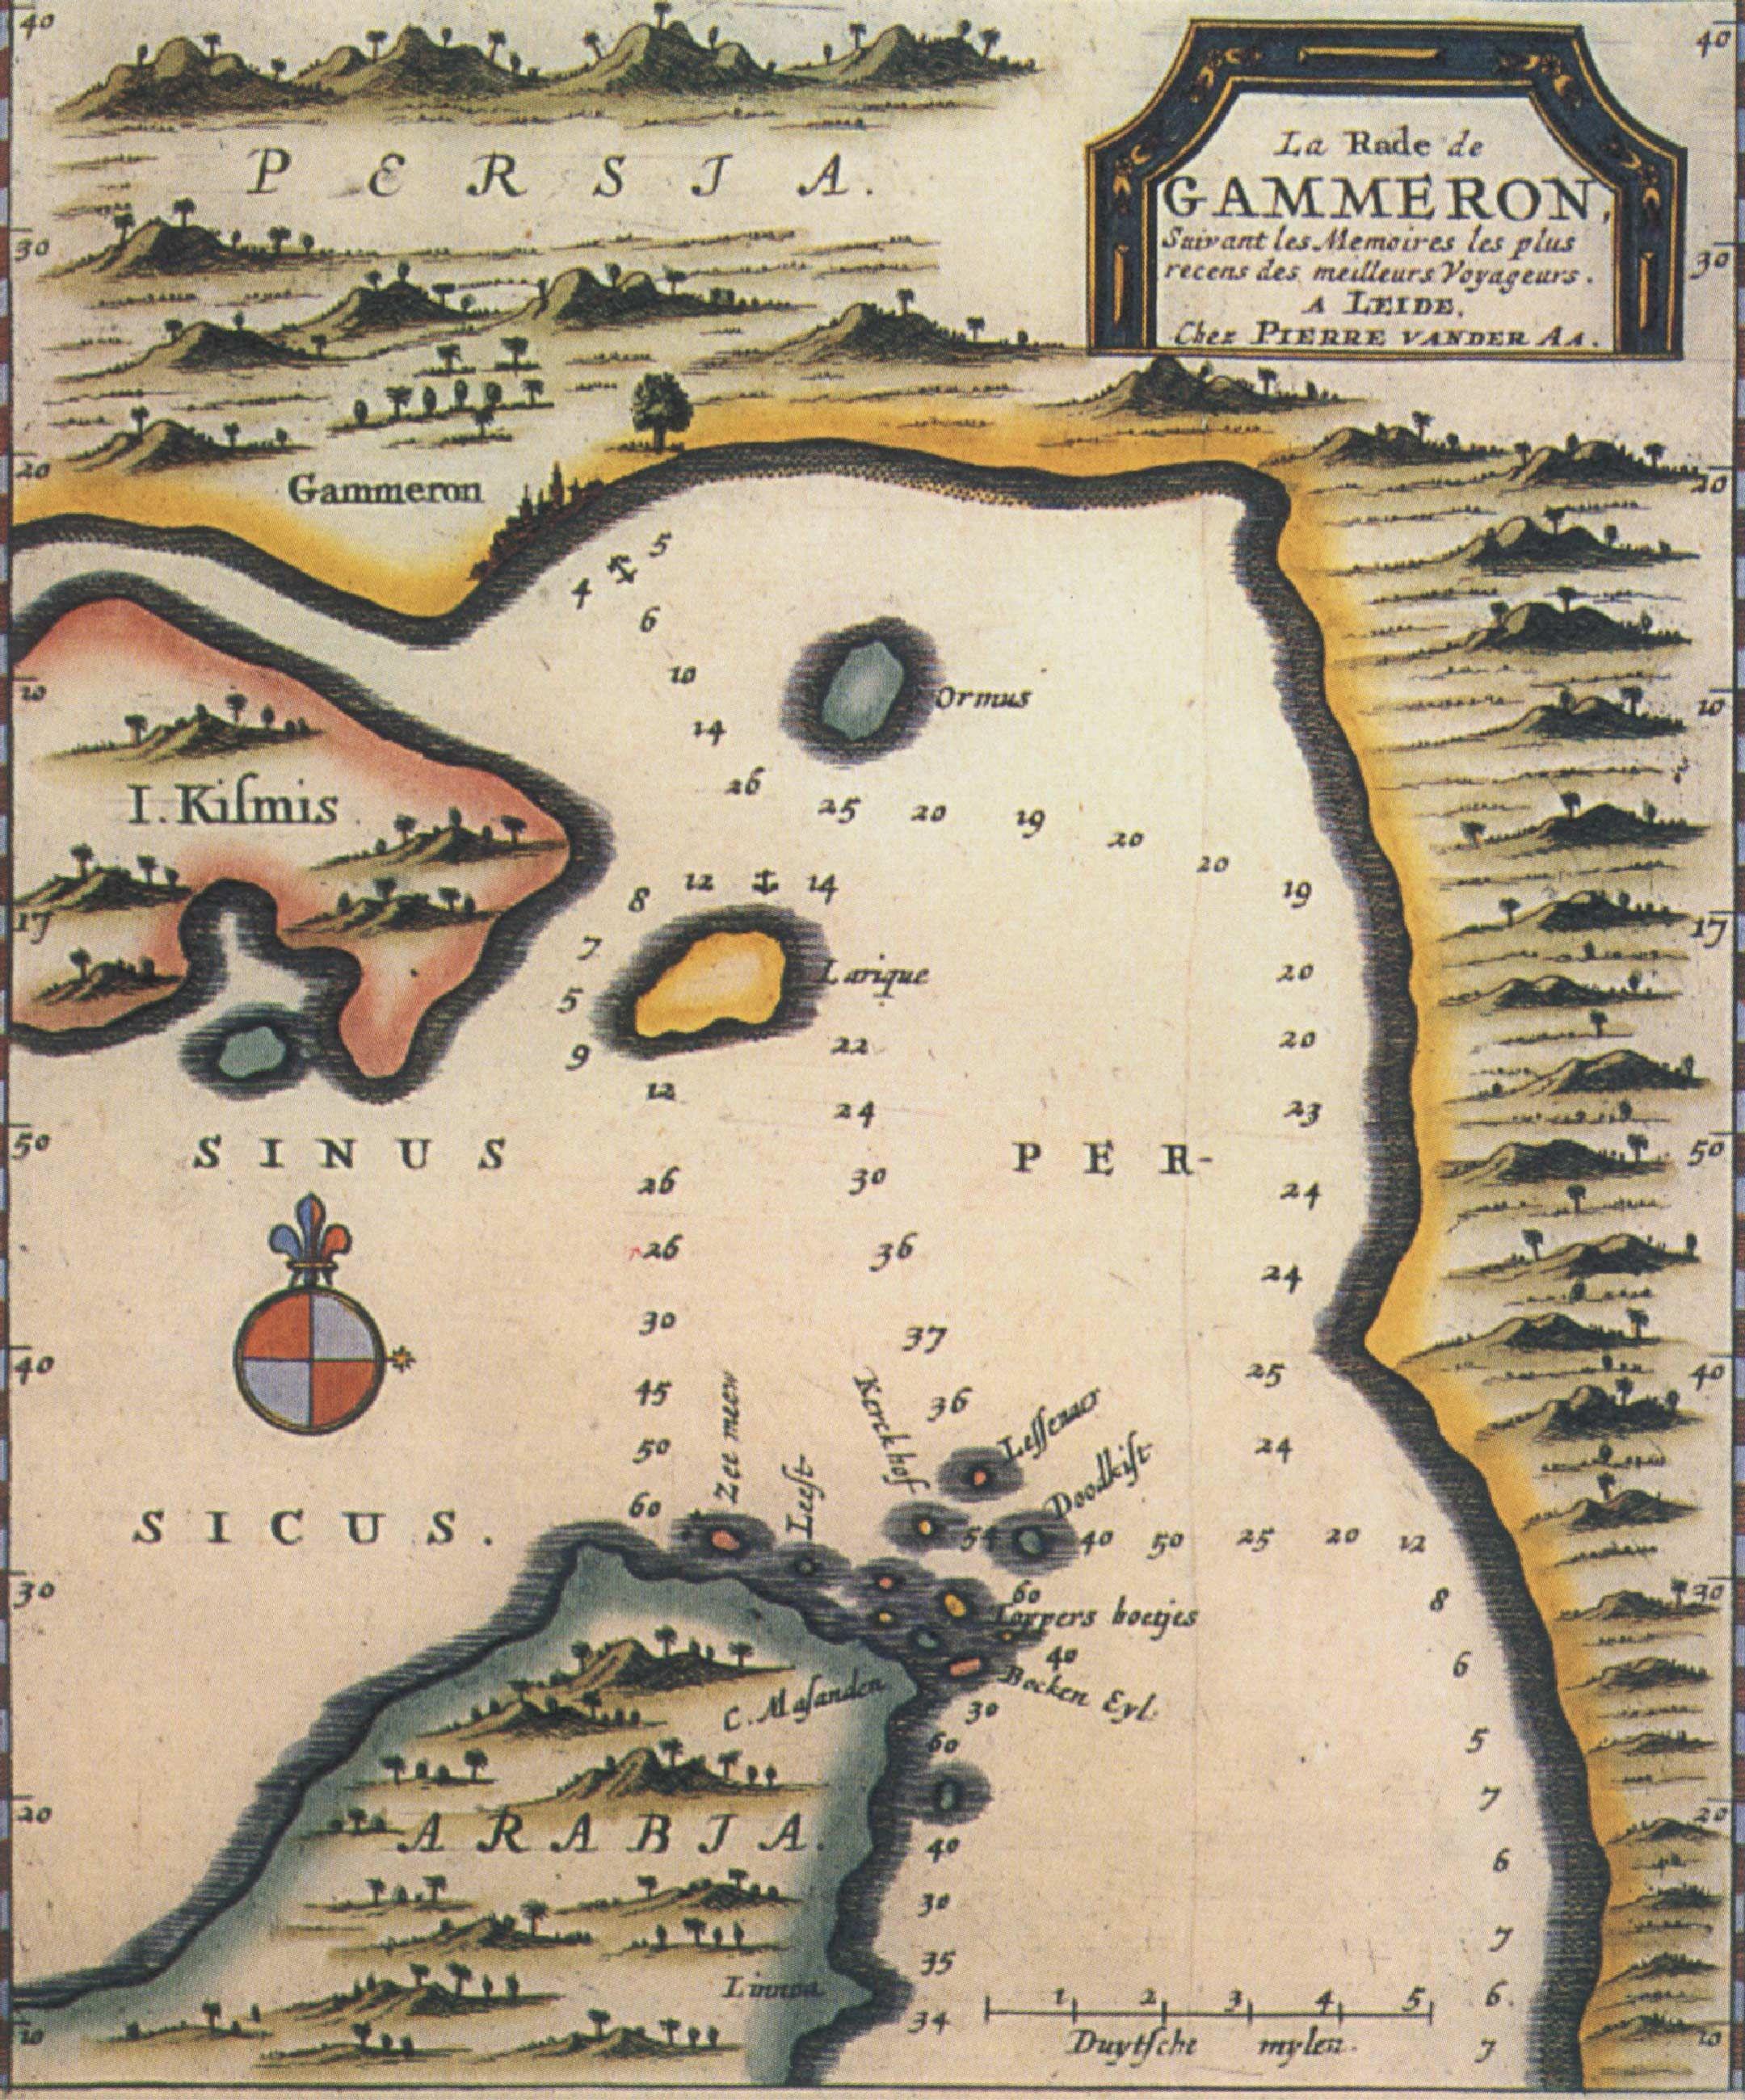 Fonte fig. 4: P. van der Aa, La rade de Gammeron, da Nouvel Atlas, très exact et fort commode pour toutes sortes de personnes, Contenant Les Principales cartes géographiques, Leida 1713 ca.